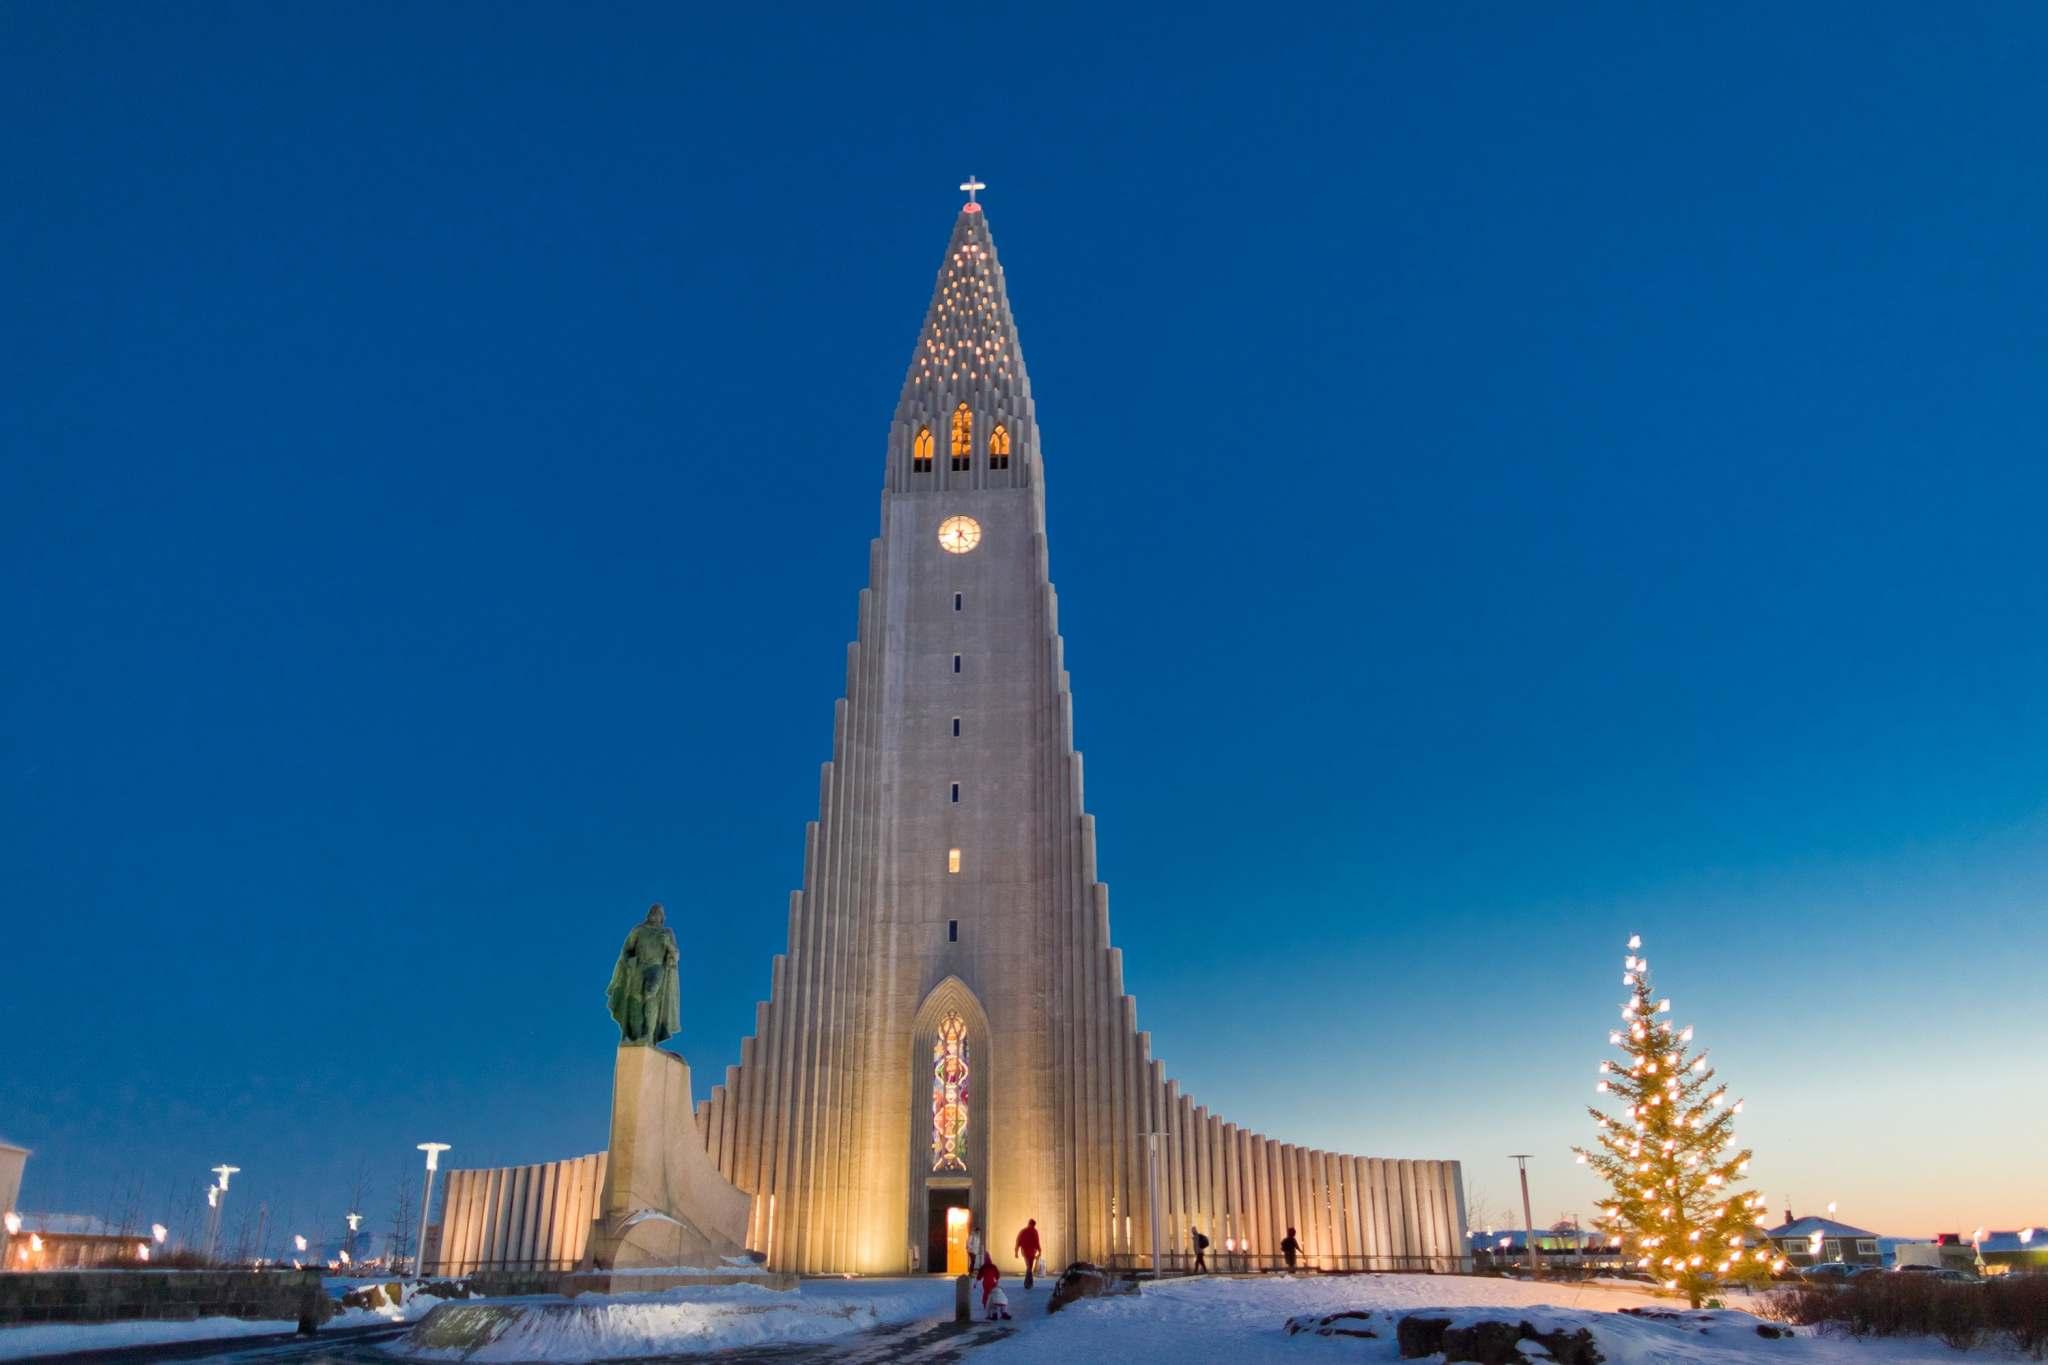 hallgrimskirkja-islandsstofa-christmas-winter